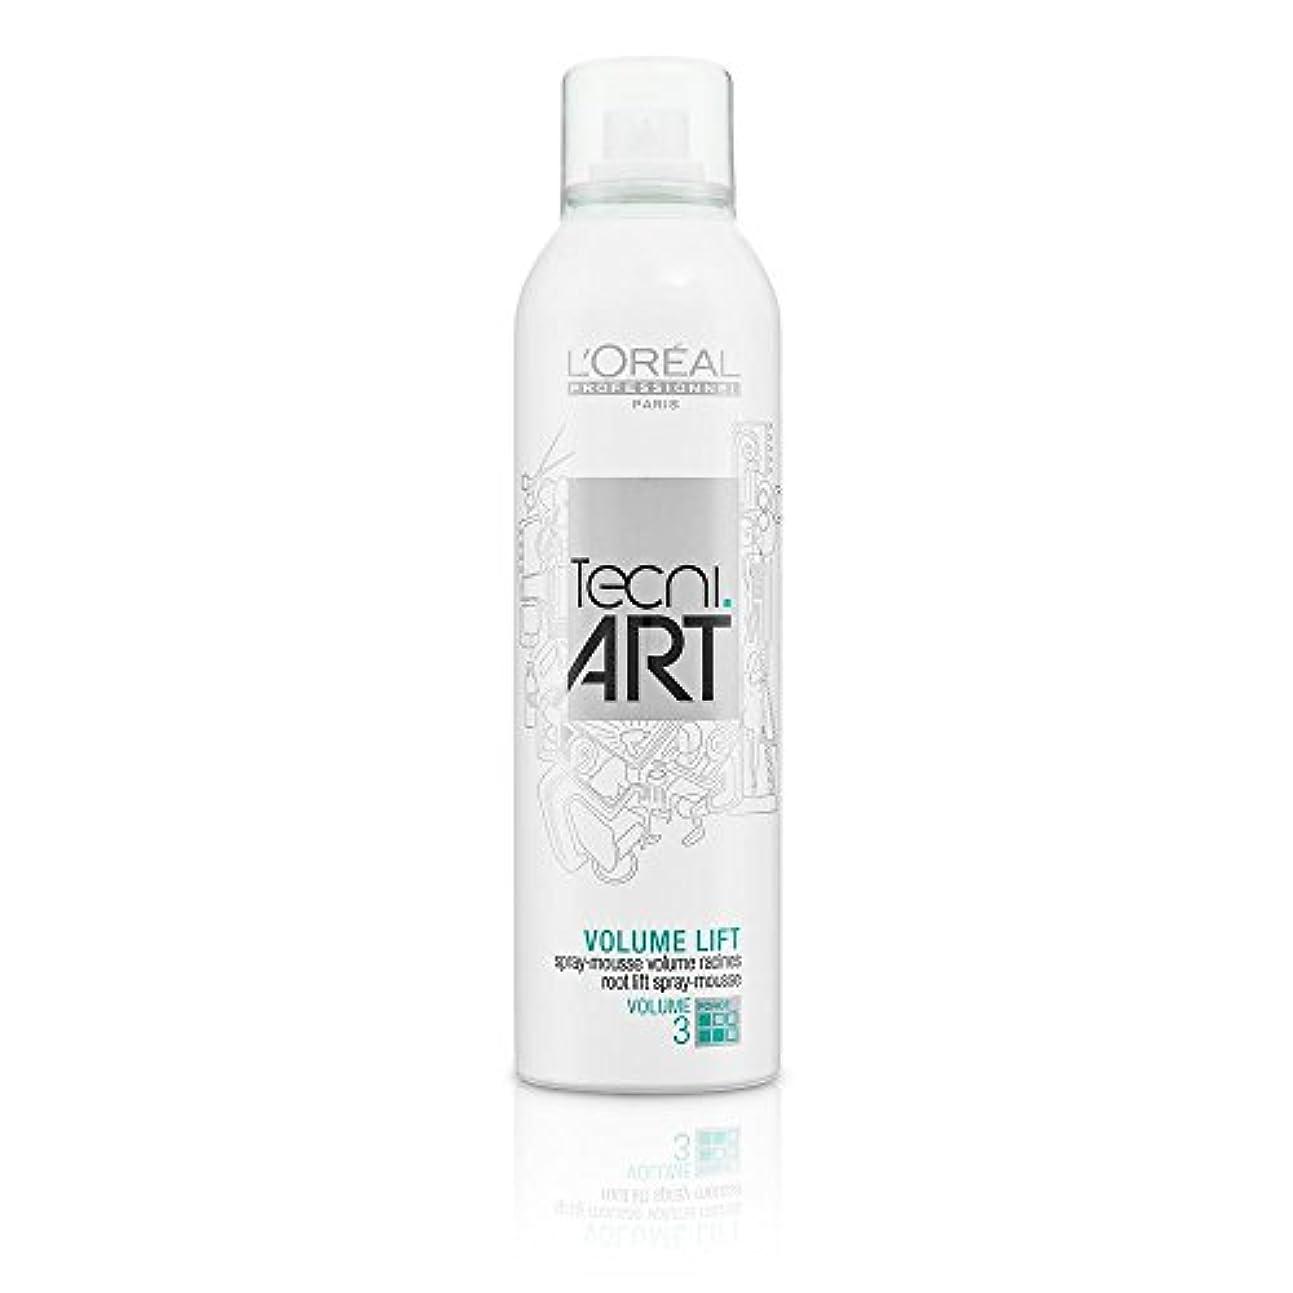 ホステルしてはいけない肺炎L'Oreal Tecni Art Volume Lift - Root Lift Spray - Mousse 250 ml [並行輸入品]